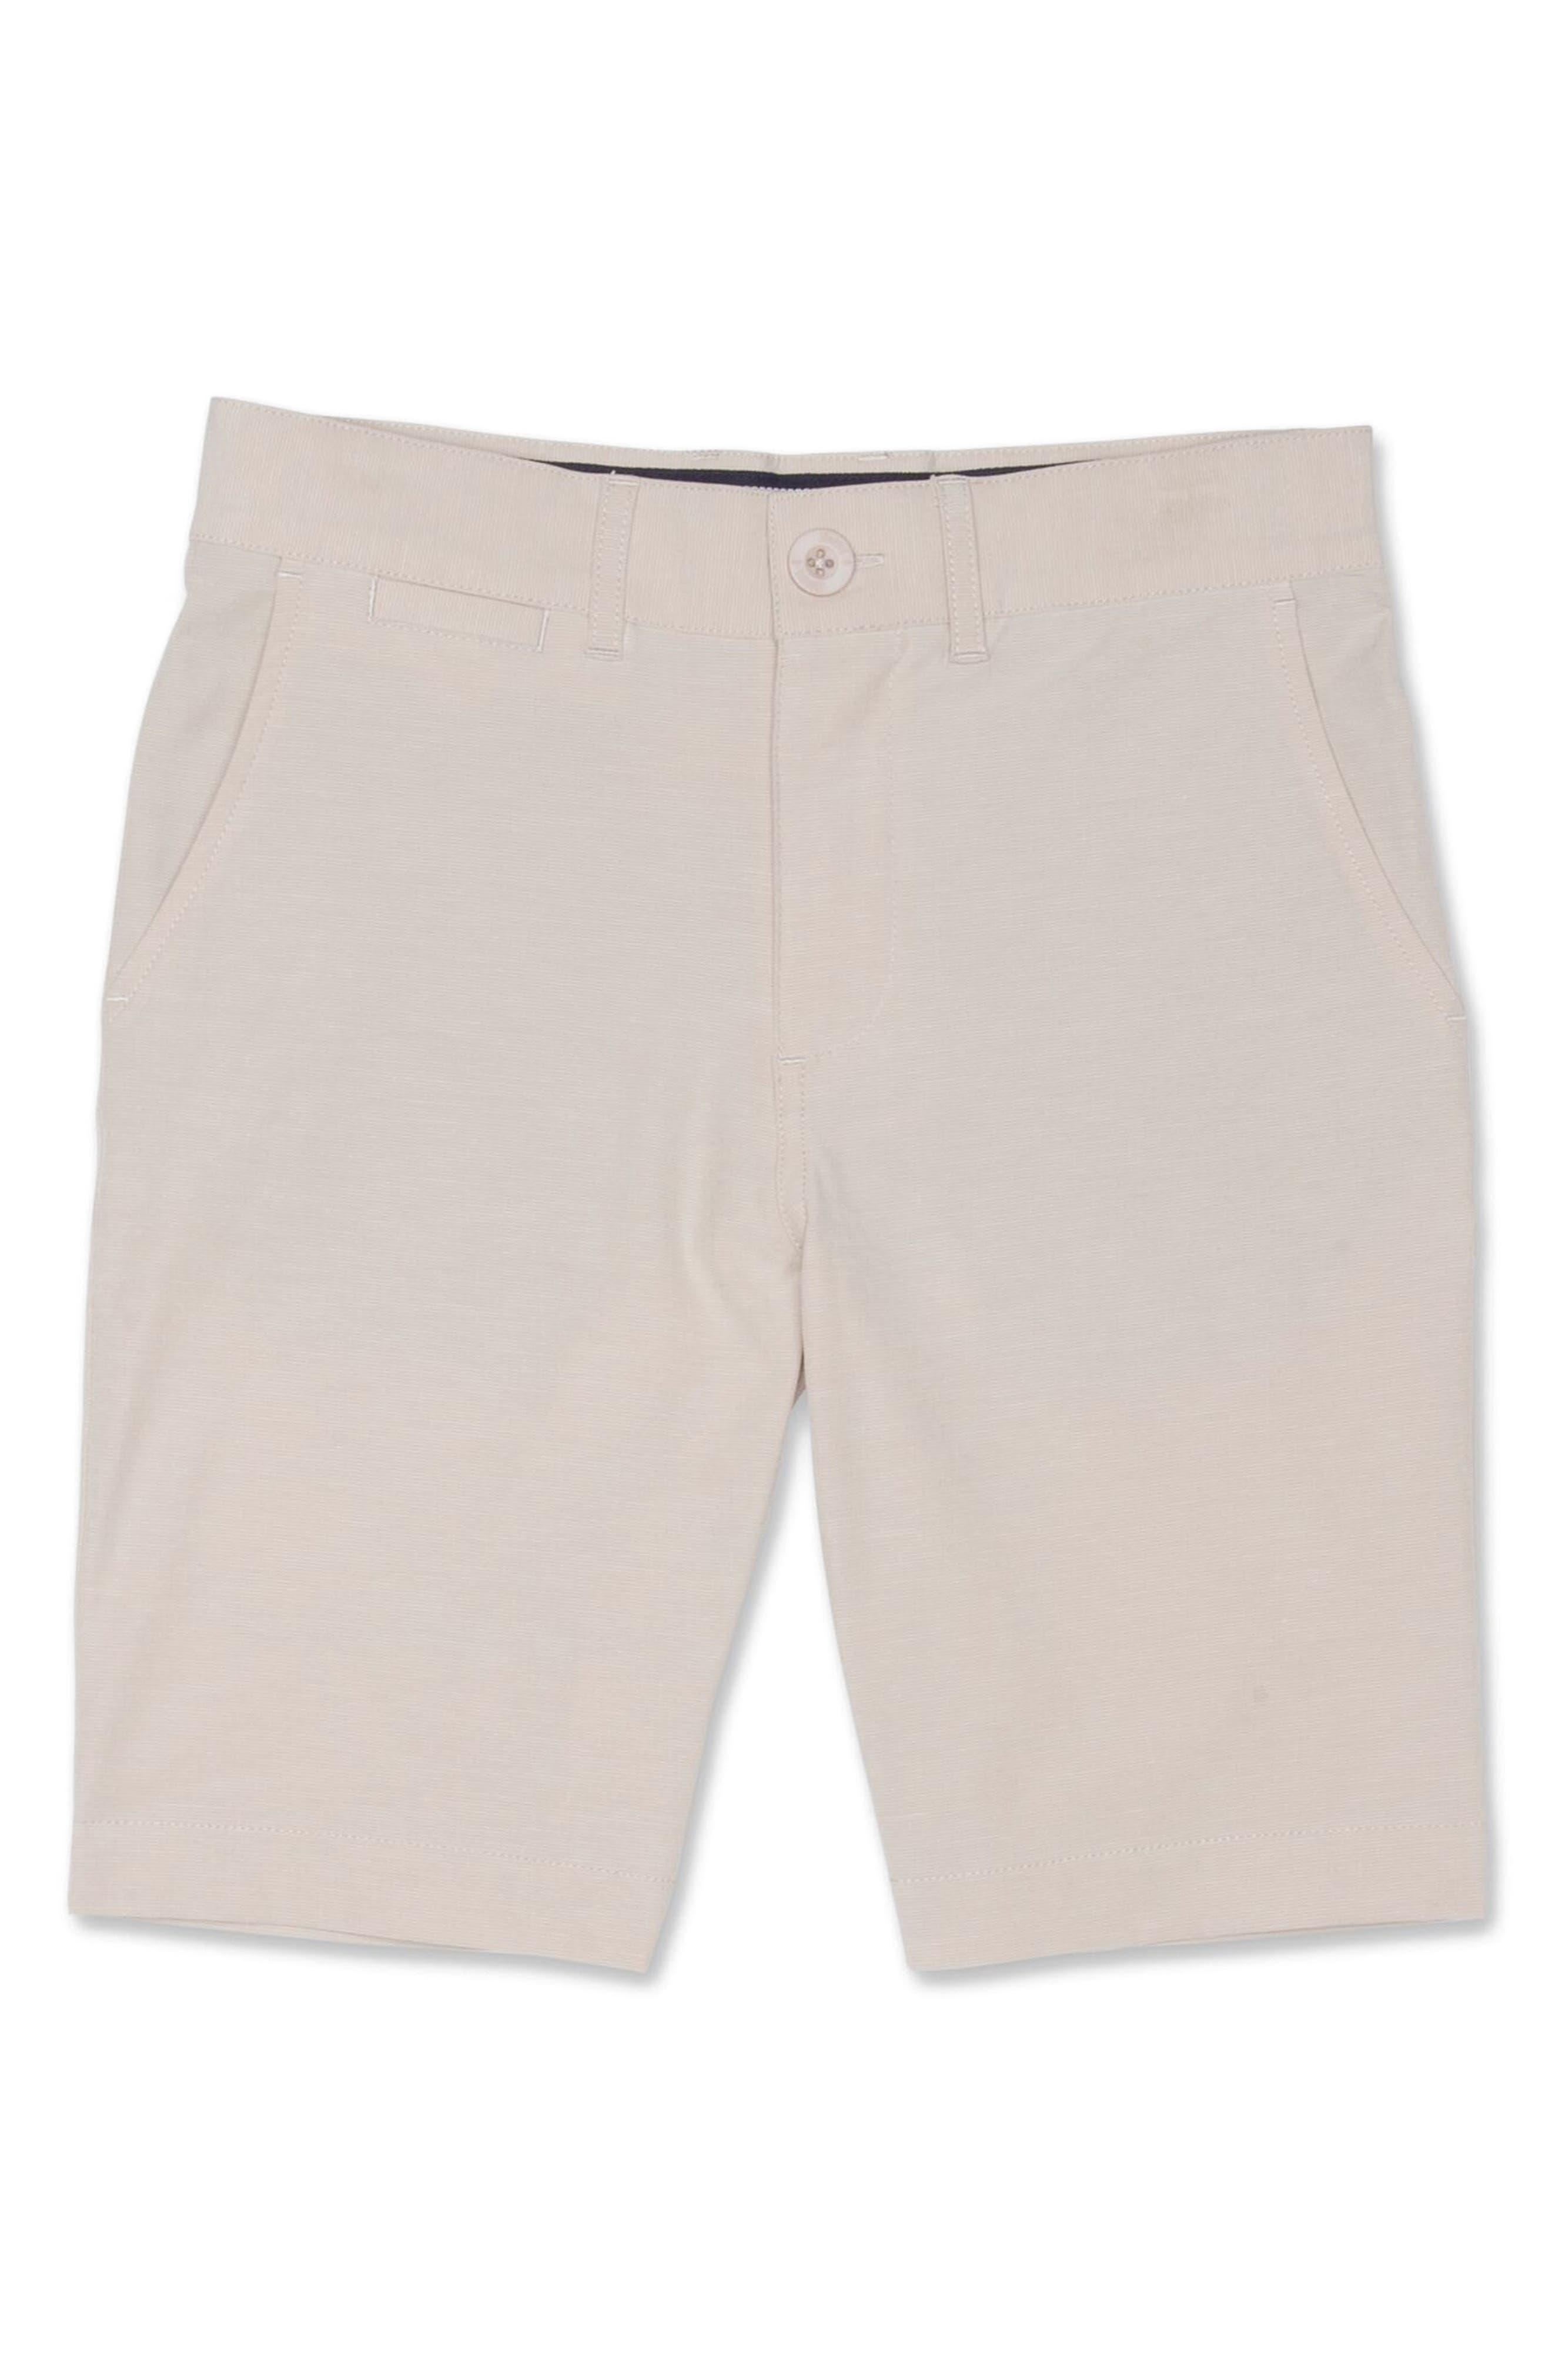 Boys JohnnieO Wyatt Shorts